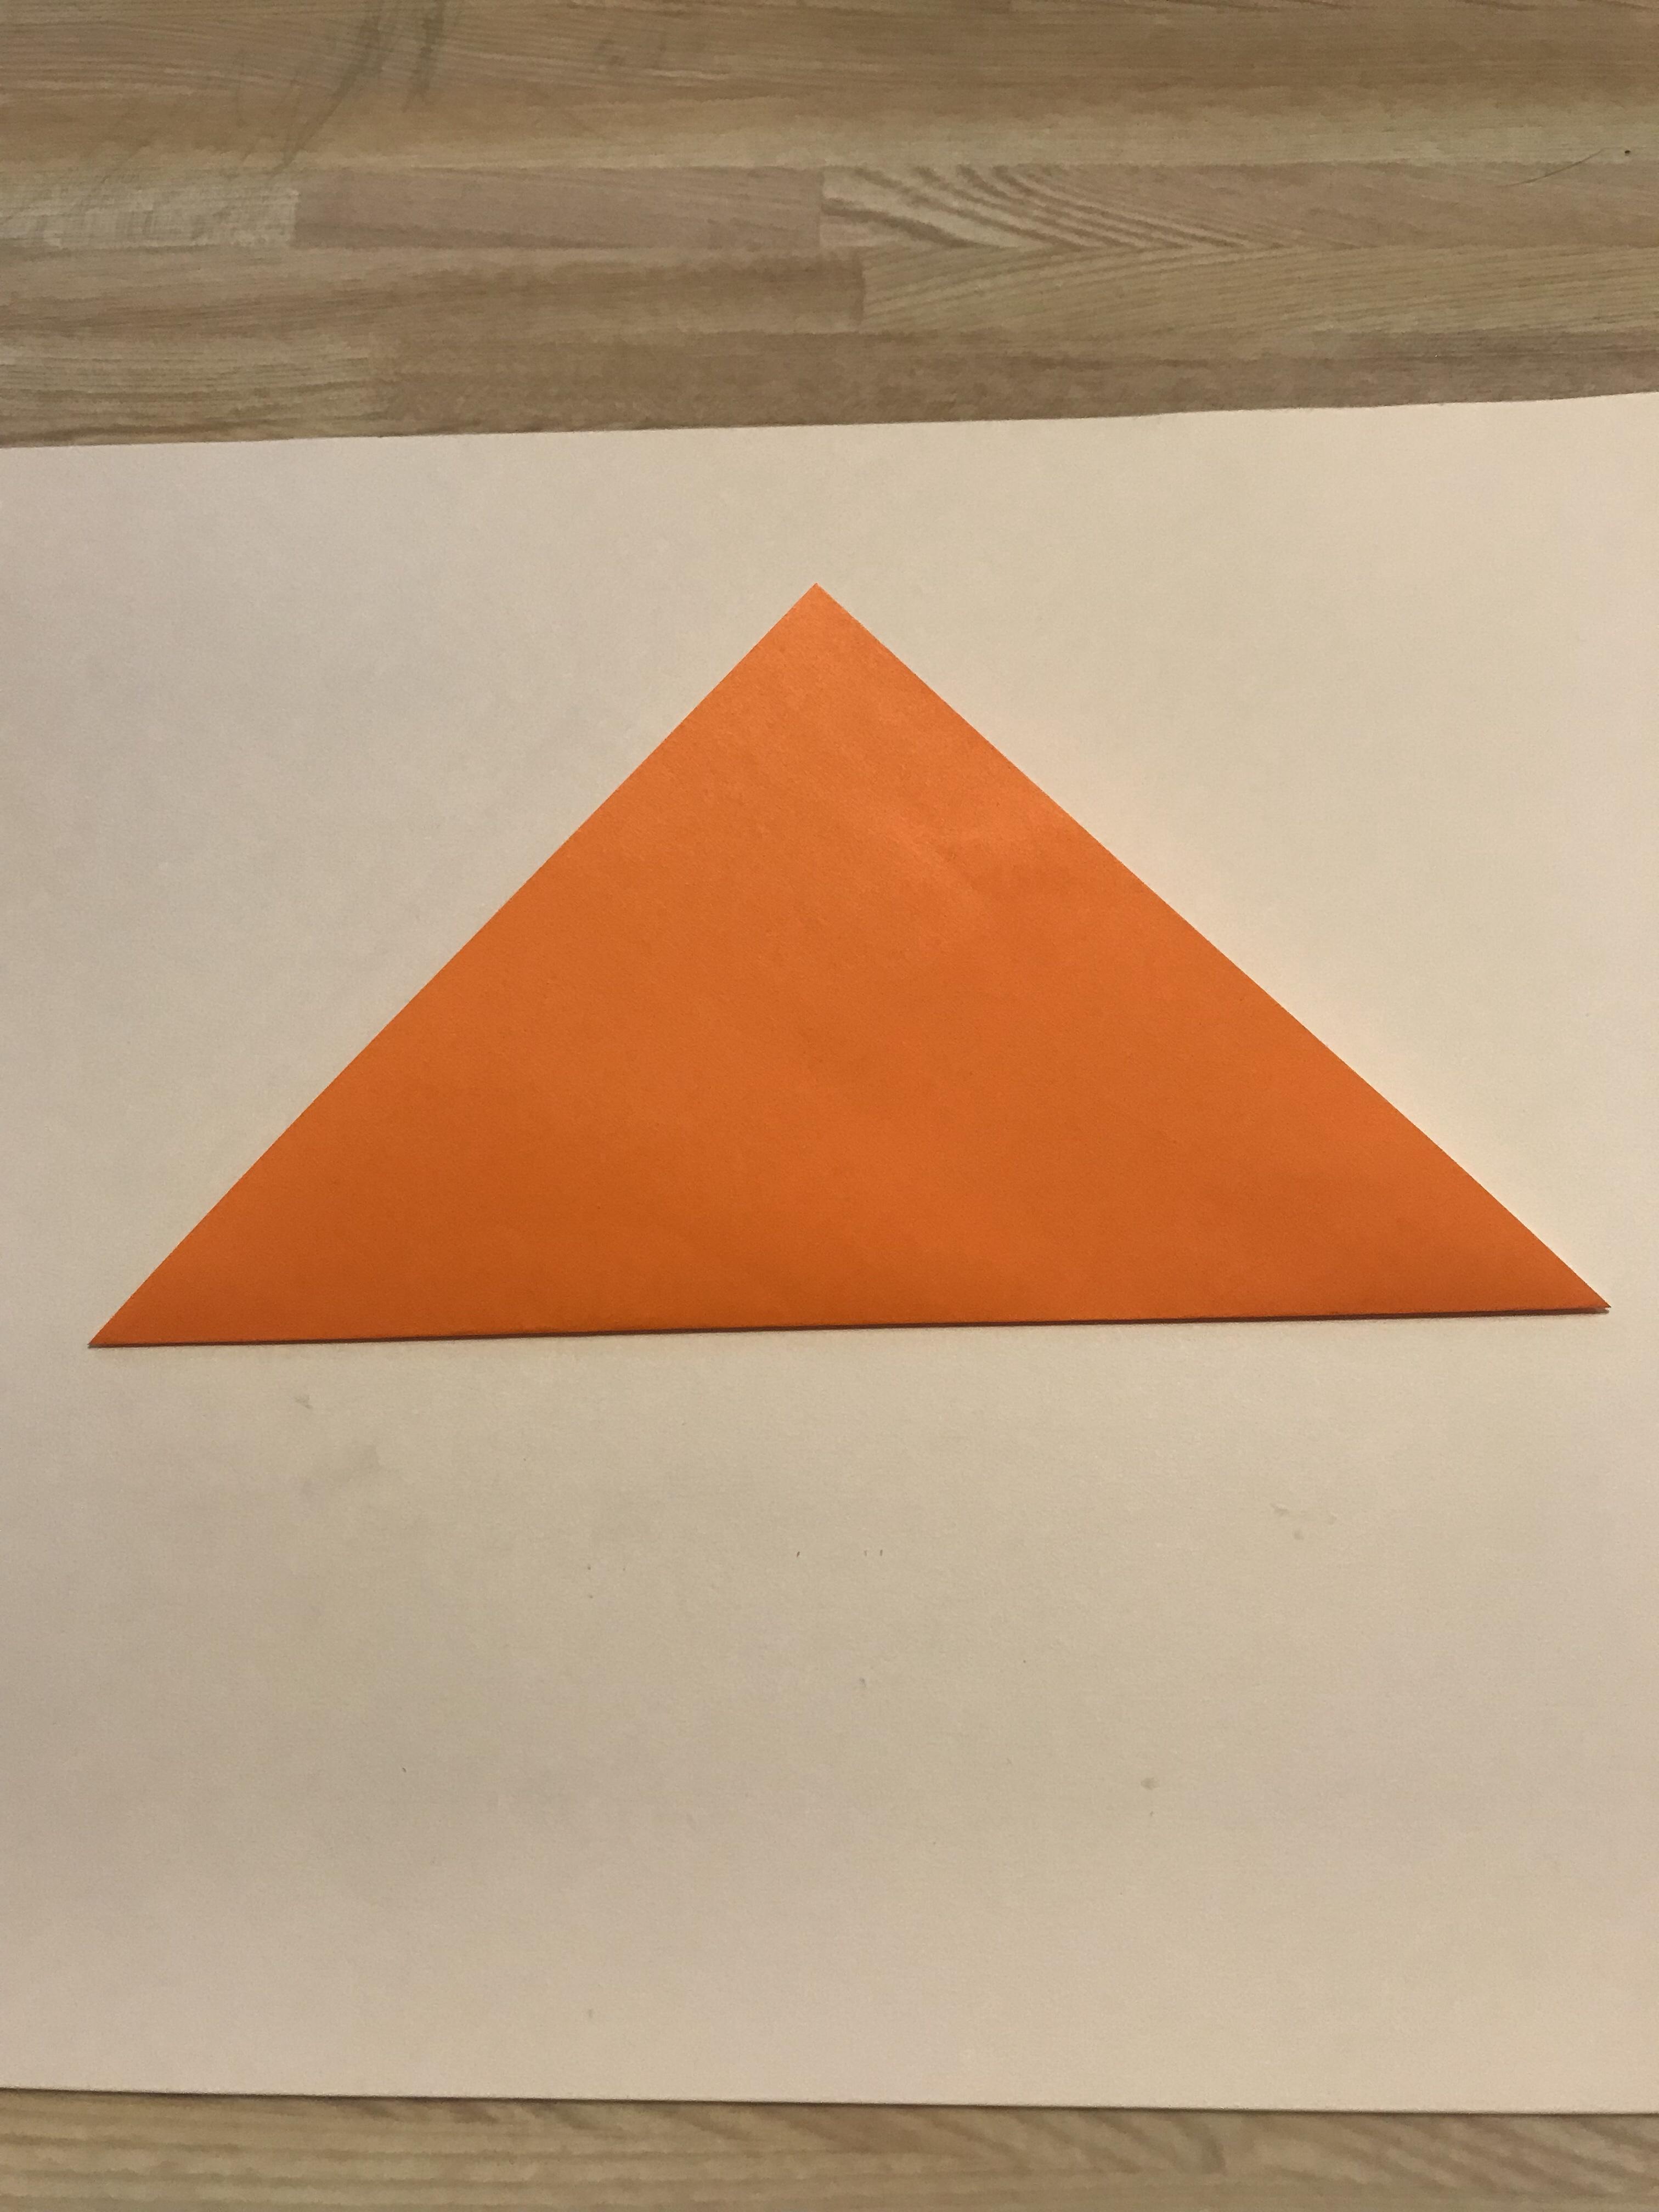 半分に折って三角形になった図